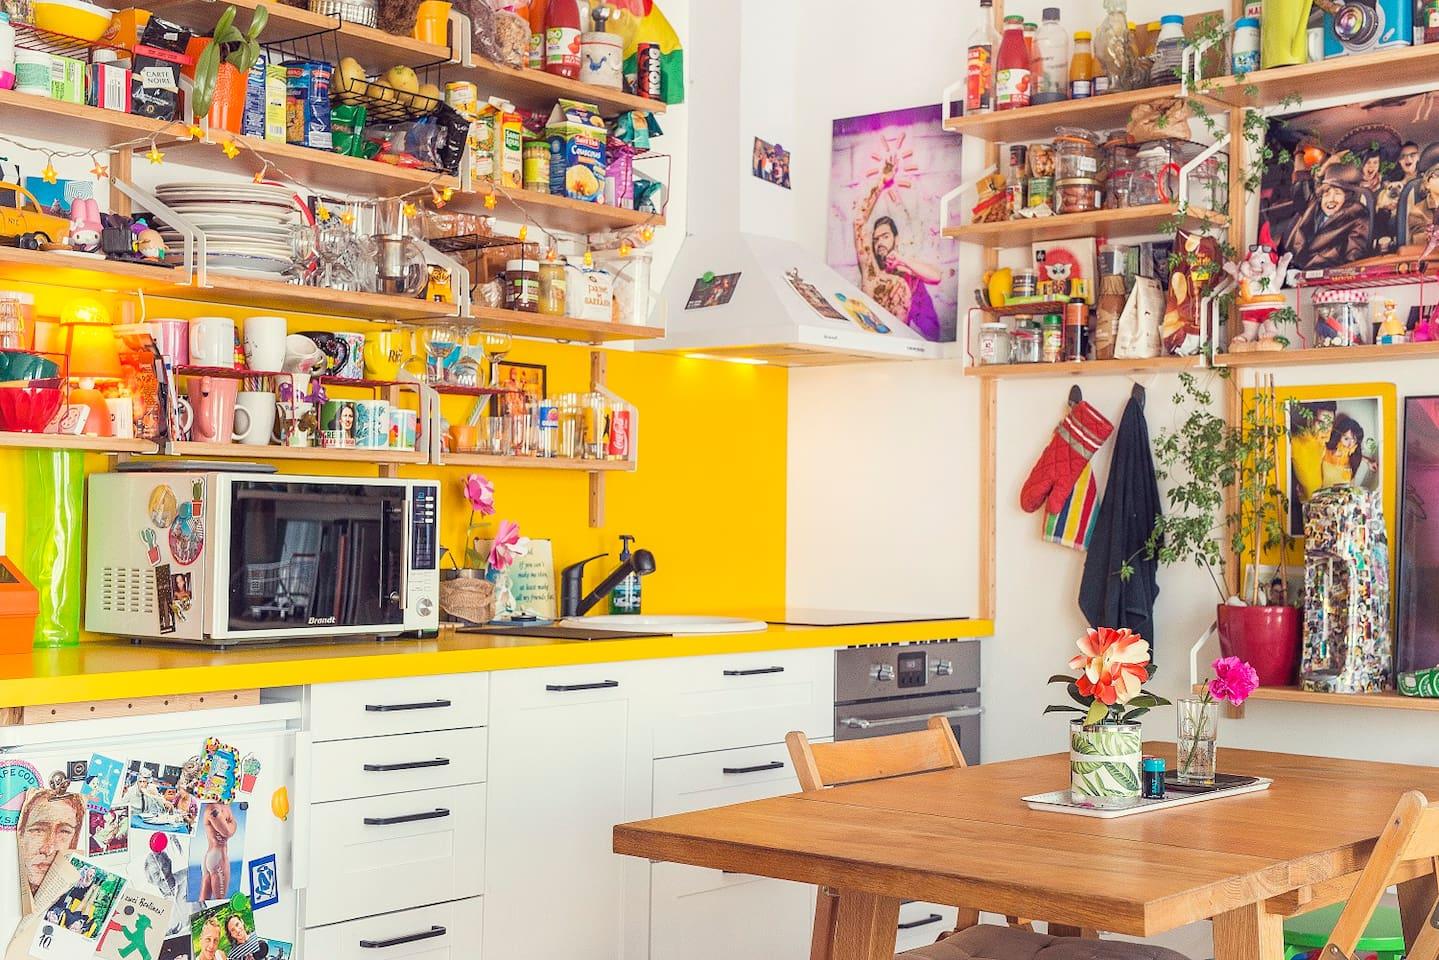 La cuisine équipée et colorée